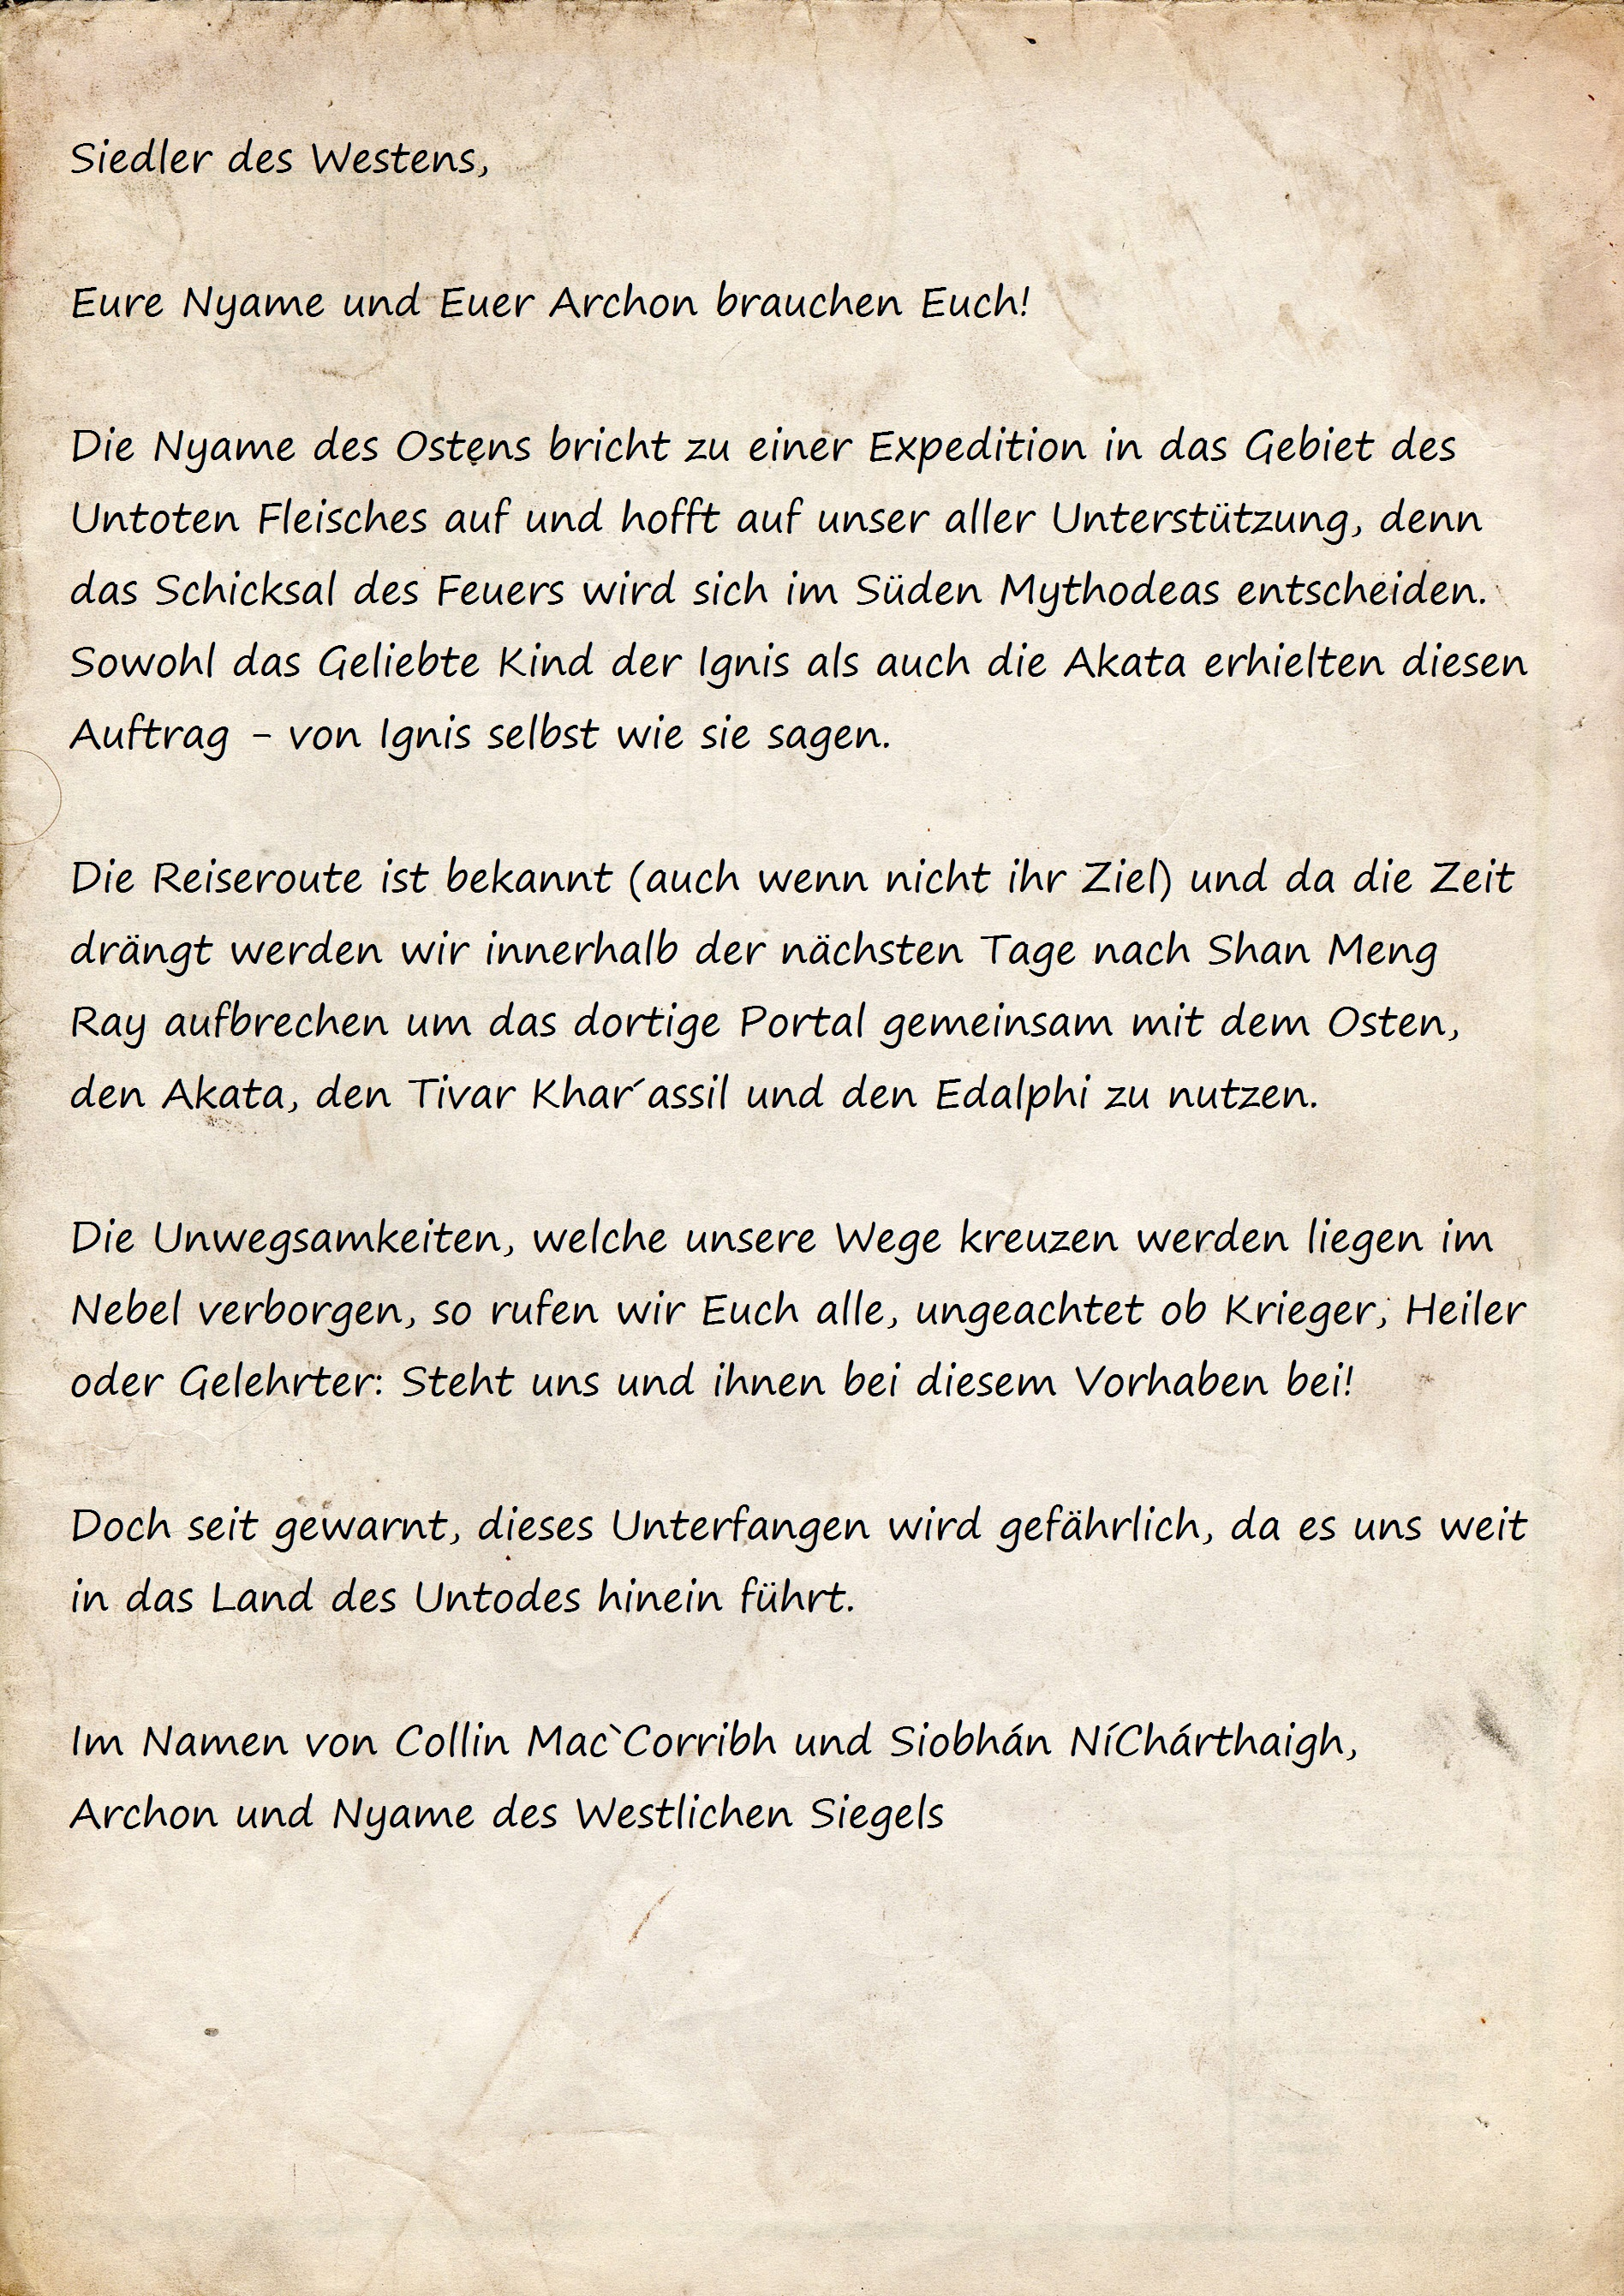 https://www.westliches-siegel.de/files/CvM_Aufruf_De.jpg